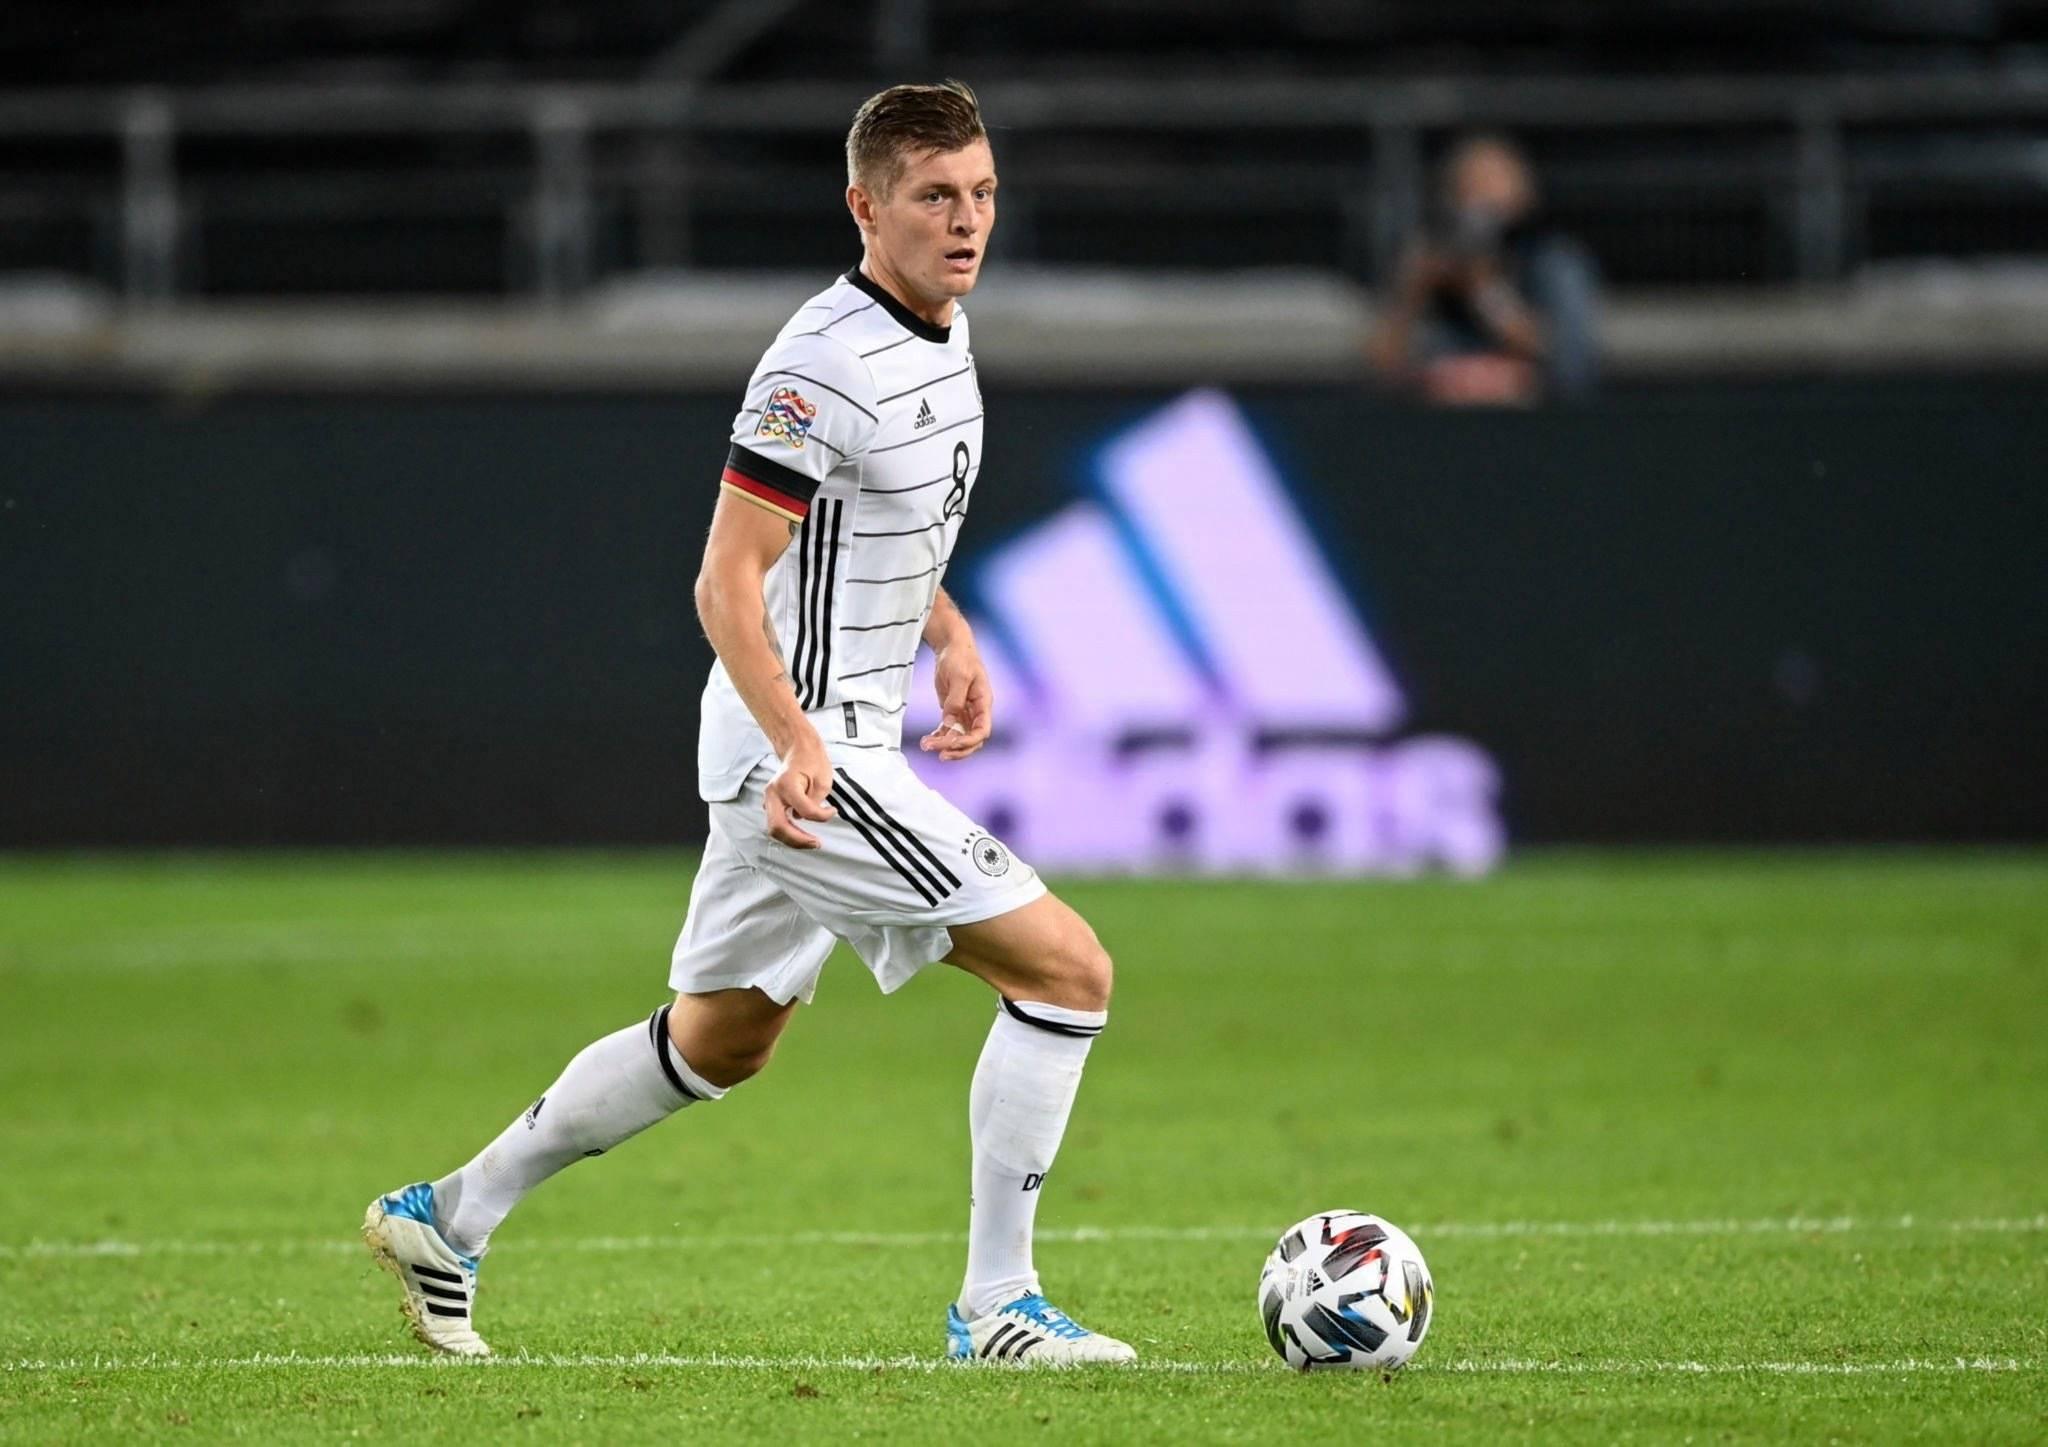 欧国联第一轮比赛德国队1:1西班牙人队,维尔纳与加亚各进一球-6